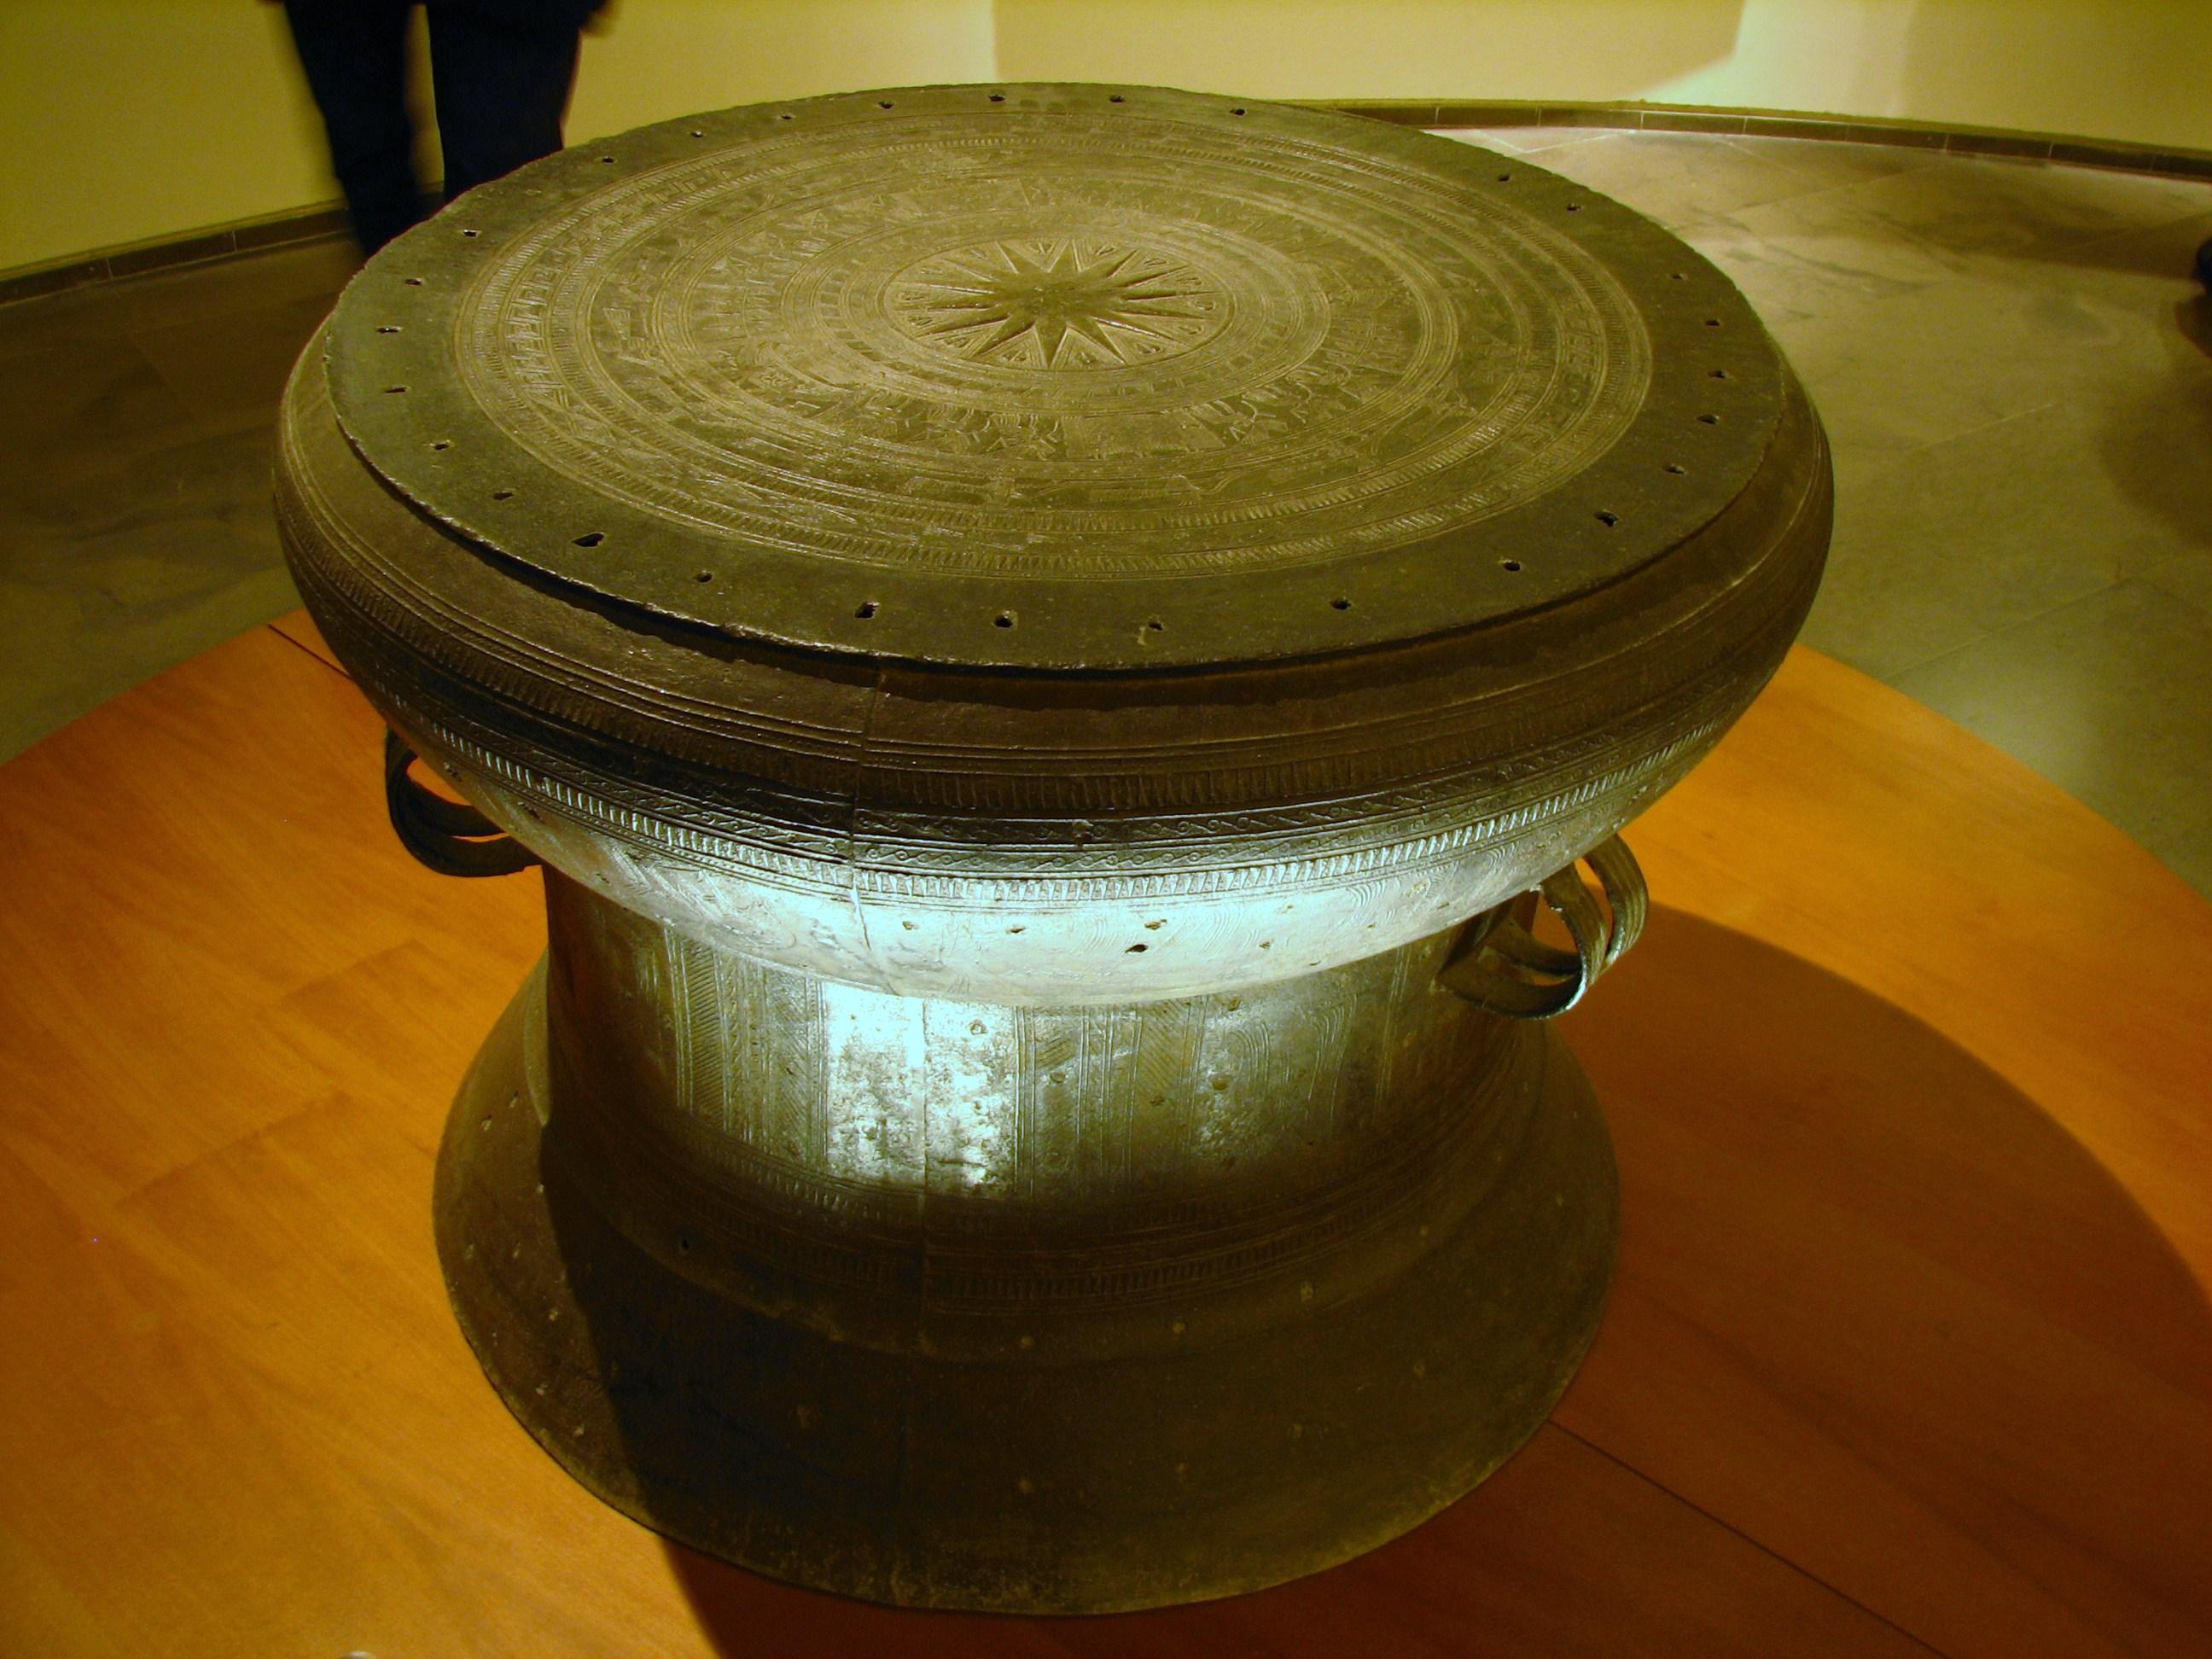 Trống đồng Đông Sơn được trưng bày ở bảo tàng